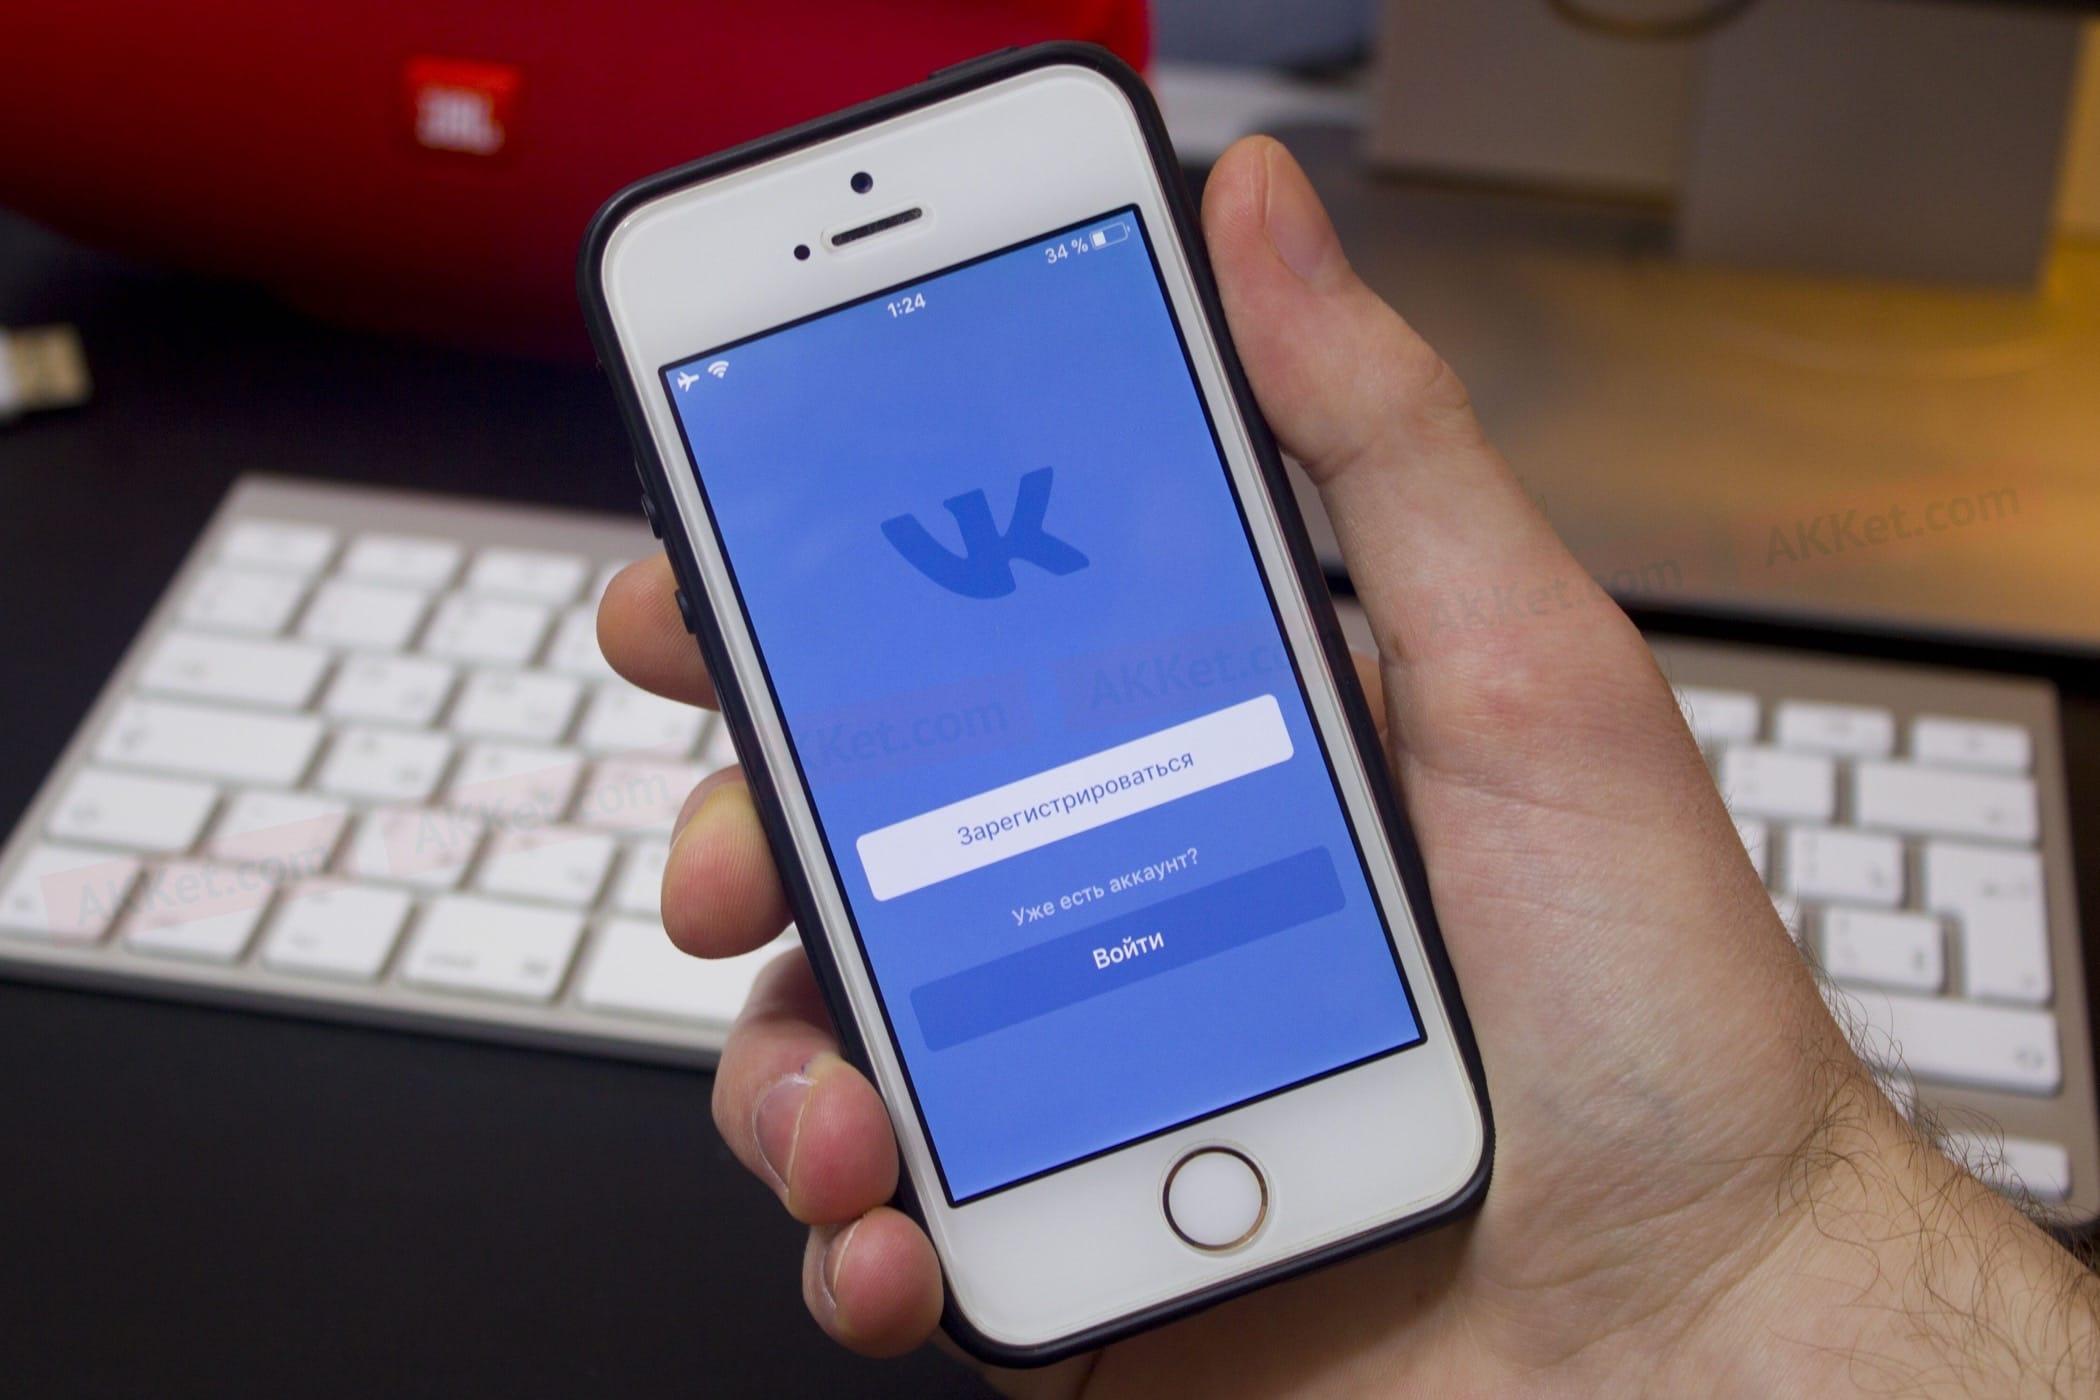 Vkontakte одержал победу суд озащите пользовательских данных